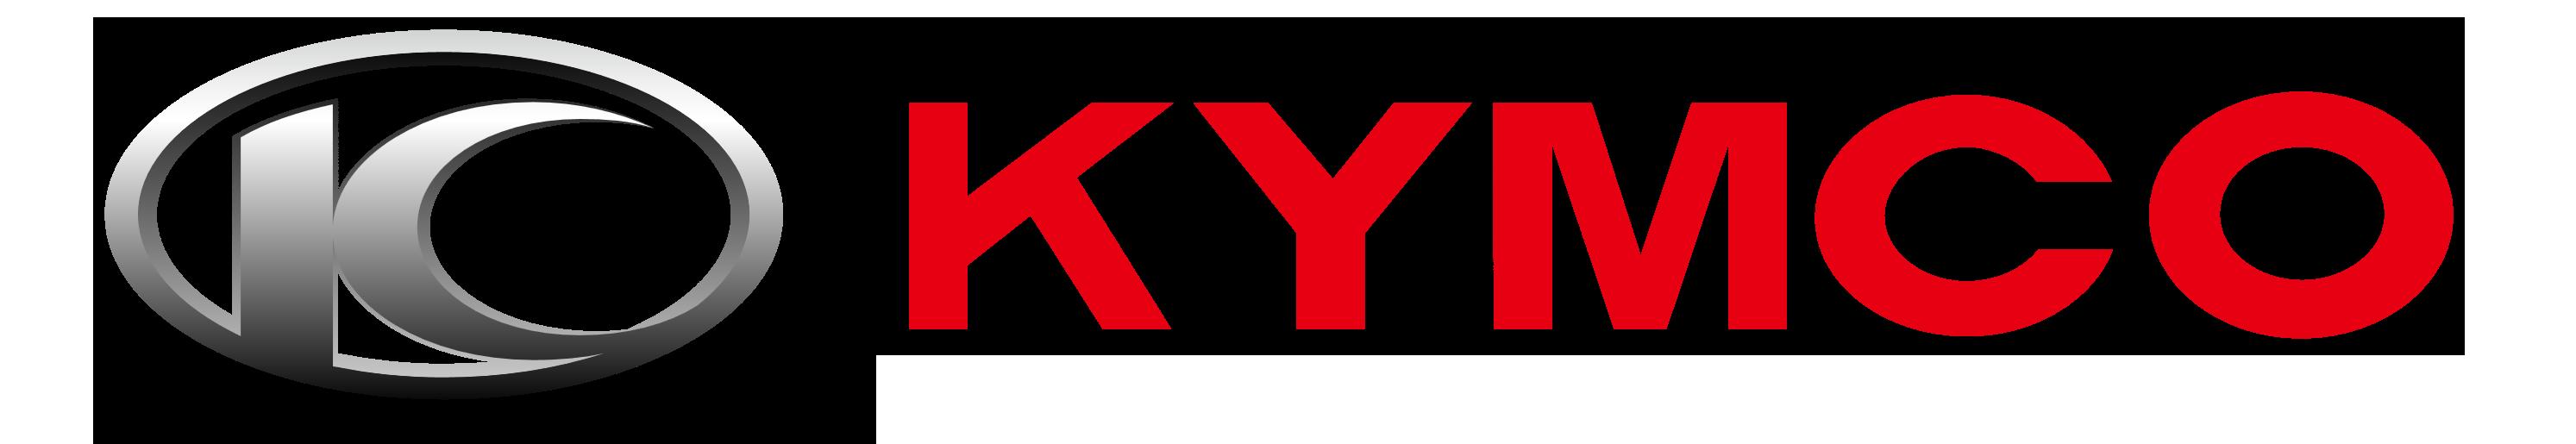 Kymco_logo_logotype.png